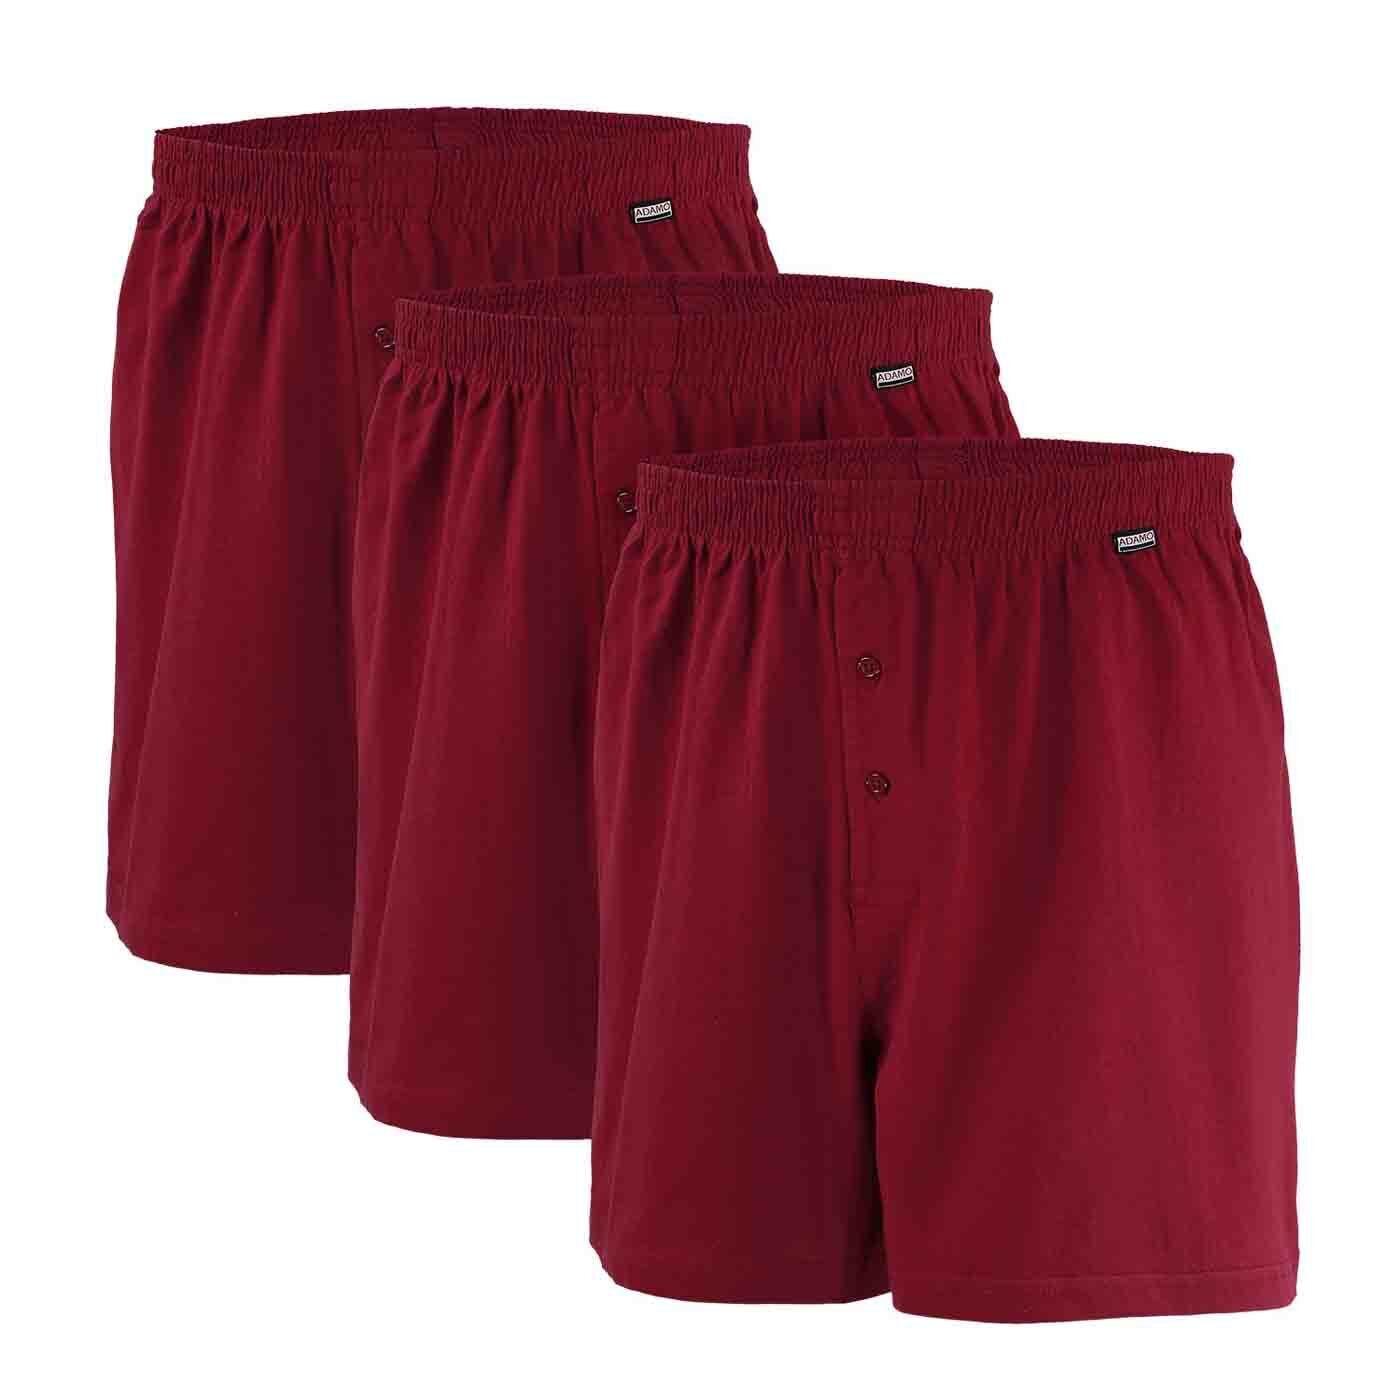 3-er Pack Shorts von Adamo - AD 129610-BO